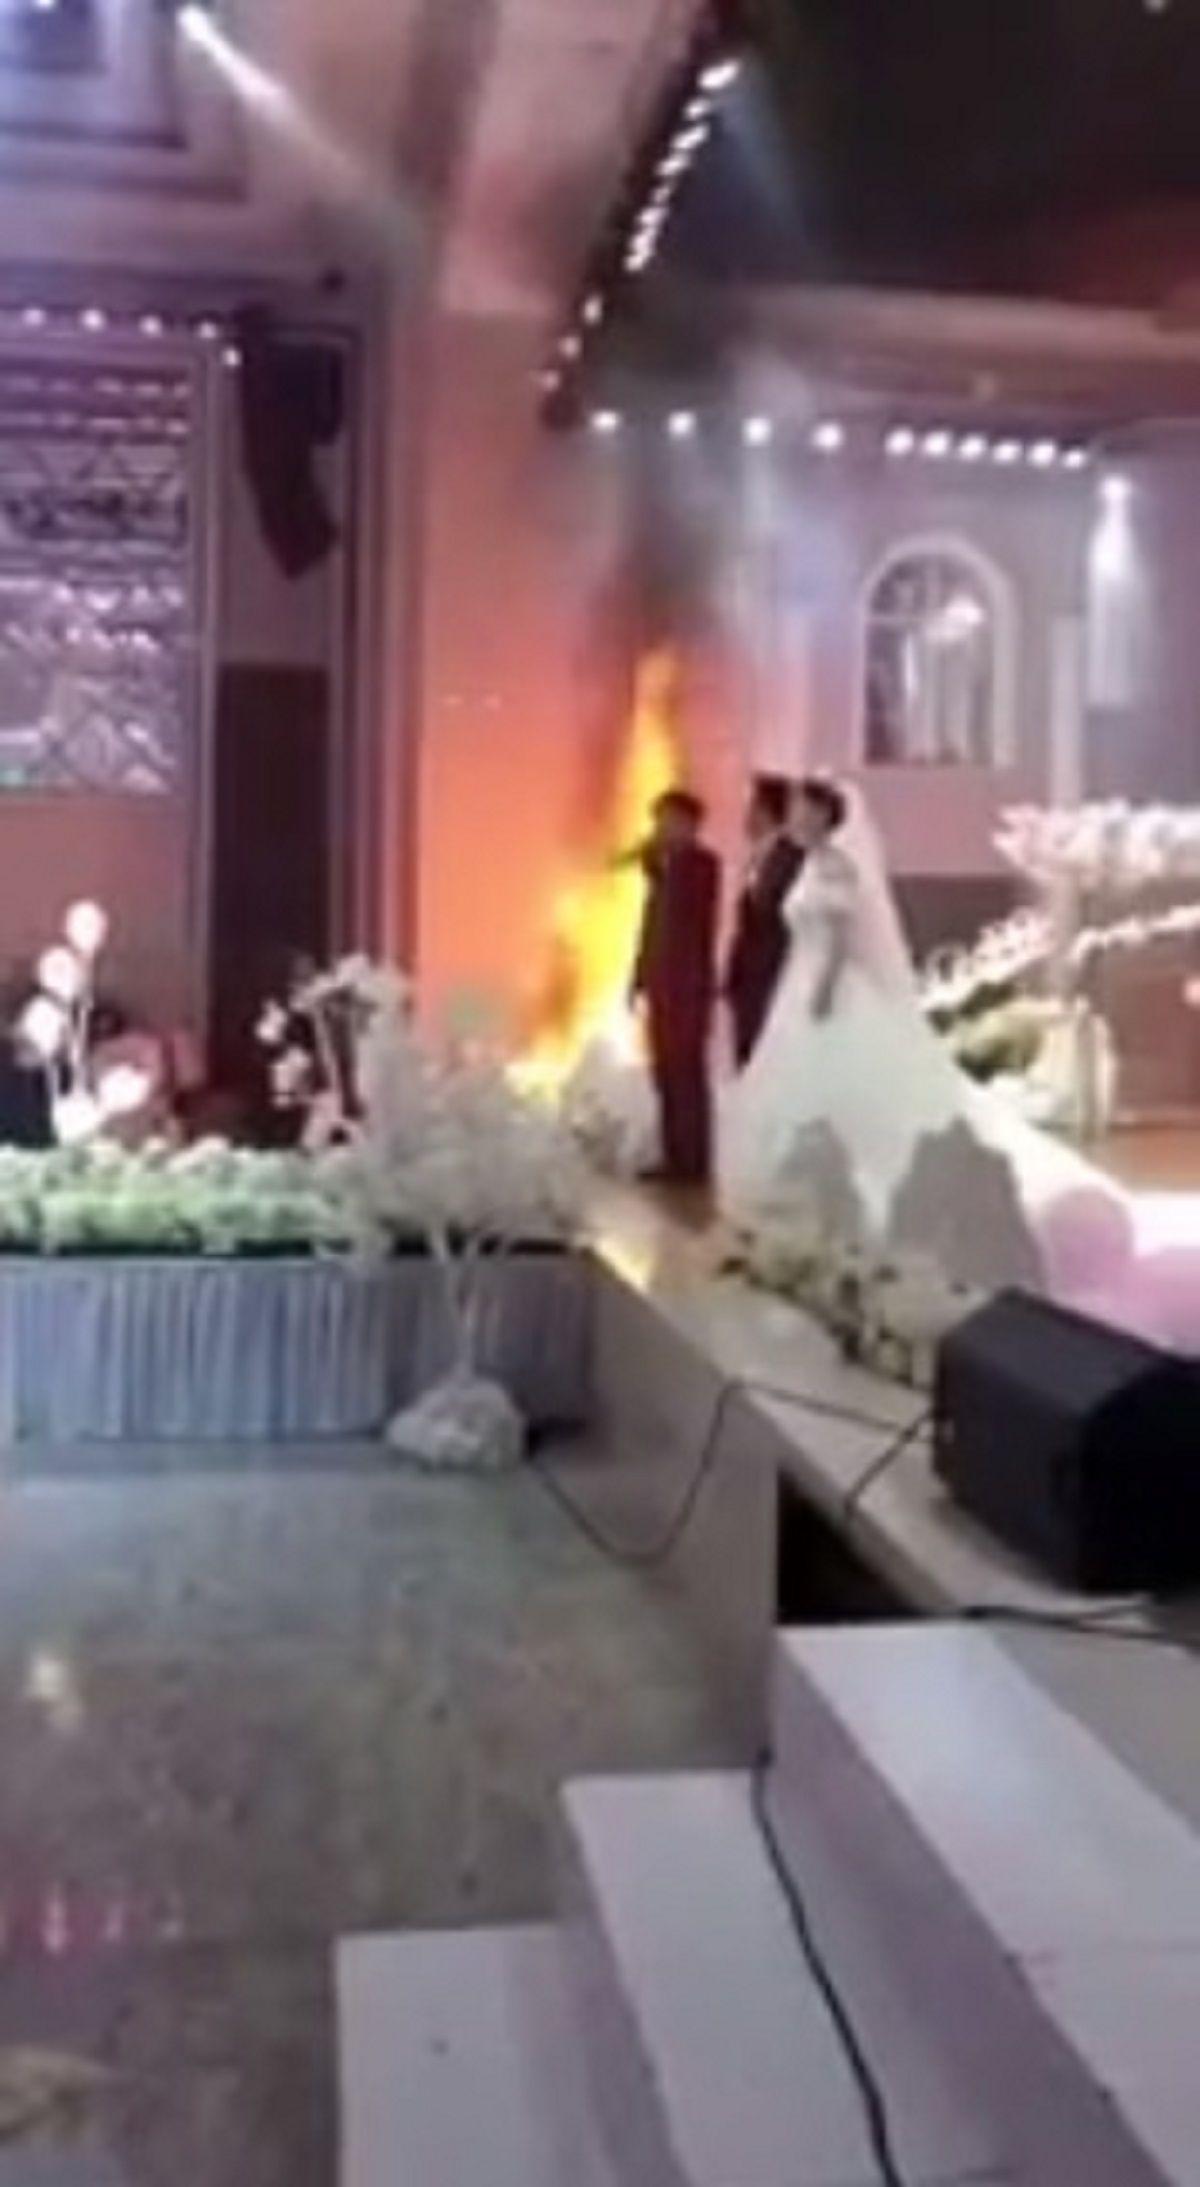 Nos casamos sí o sí: se desató un incendio pero no detuvieron la ceremonia